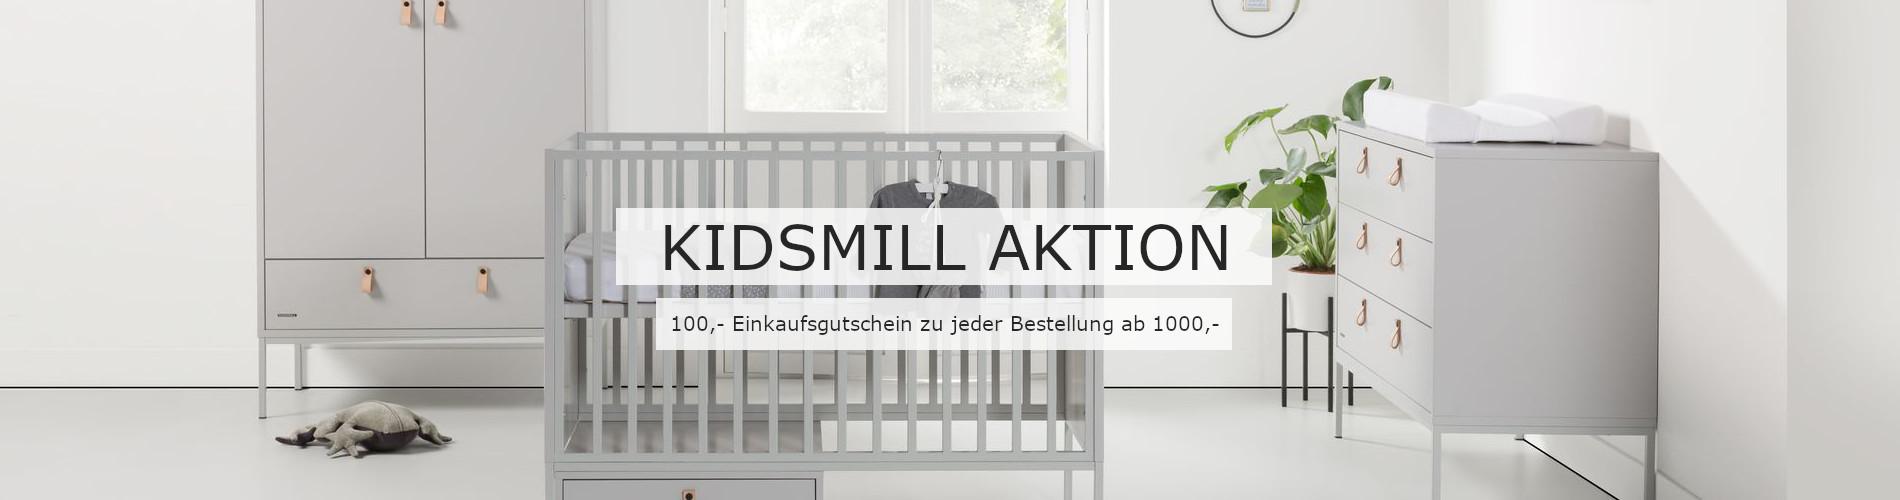 Kidsmill-Aktion bei Kleine Fabriek - Gutschein